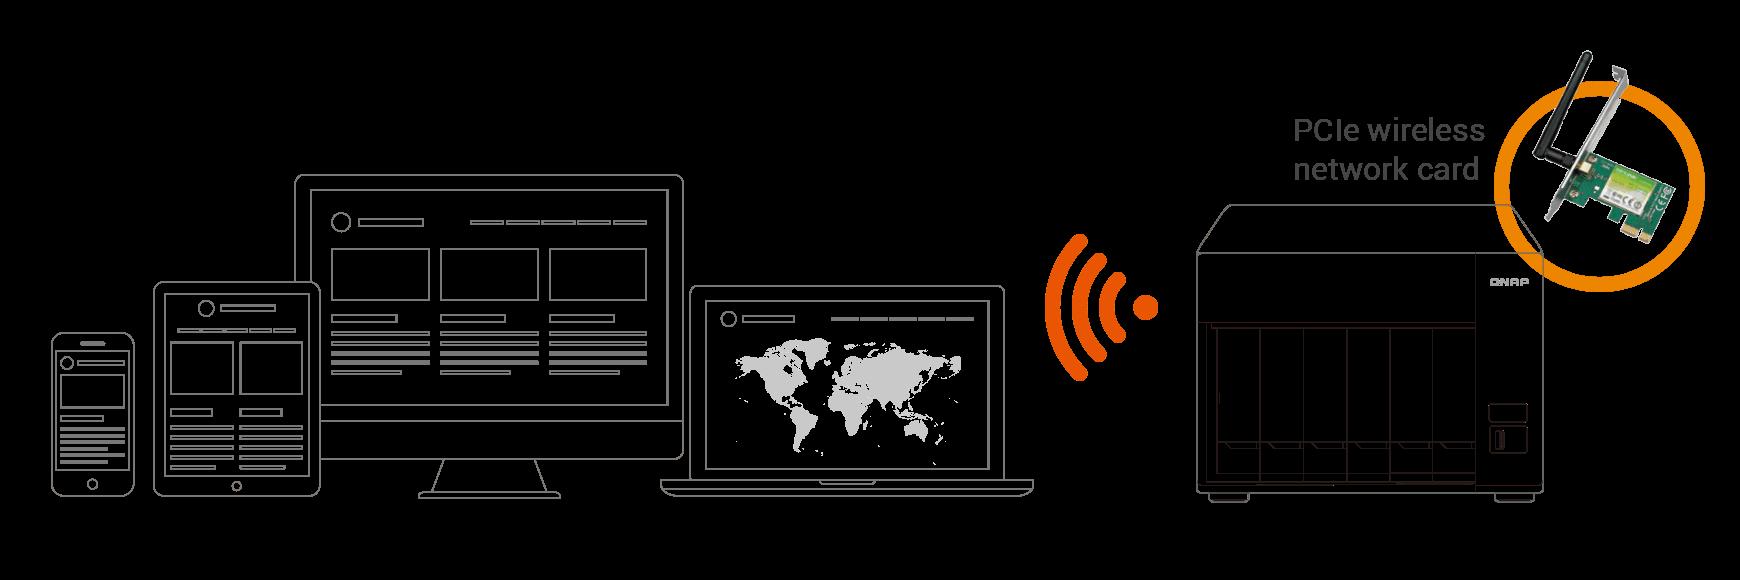 learn more wirelessap station [ 1740 x 580 Pixel ]